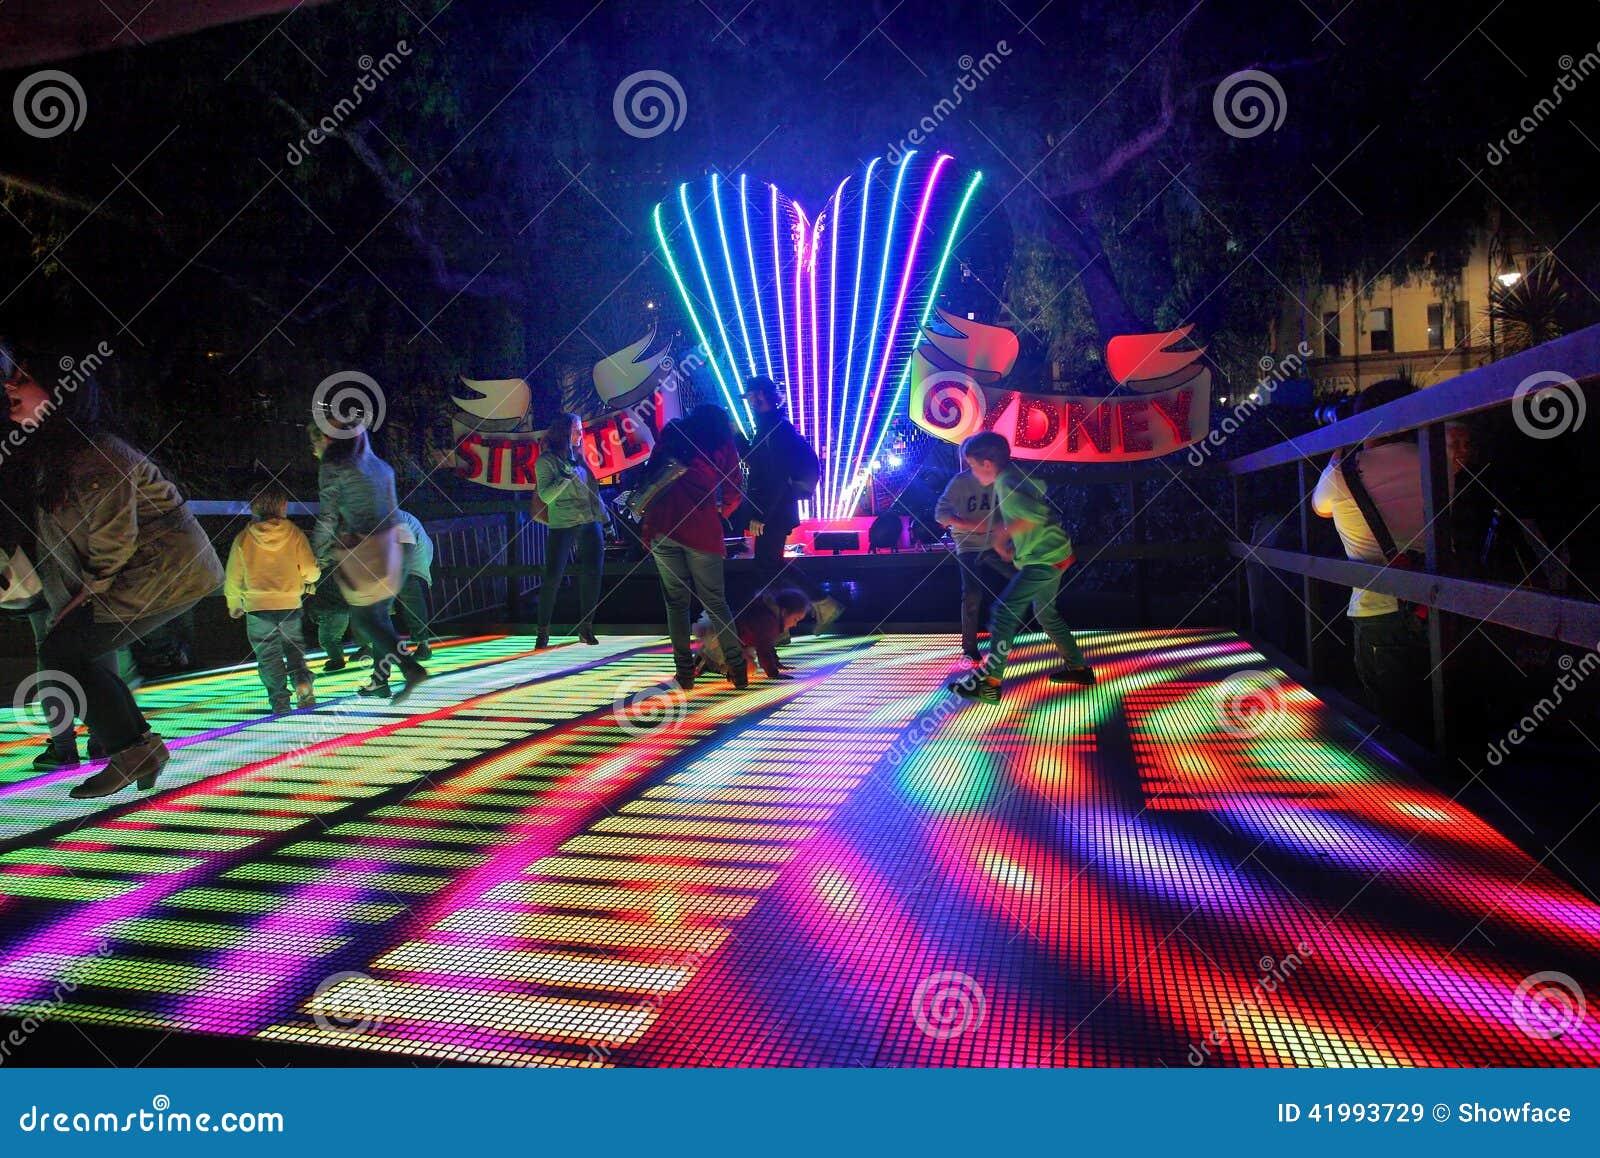 Interactieve de dansvloer van families enjoyStrictly Sydney